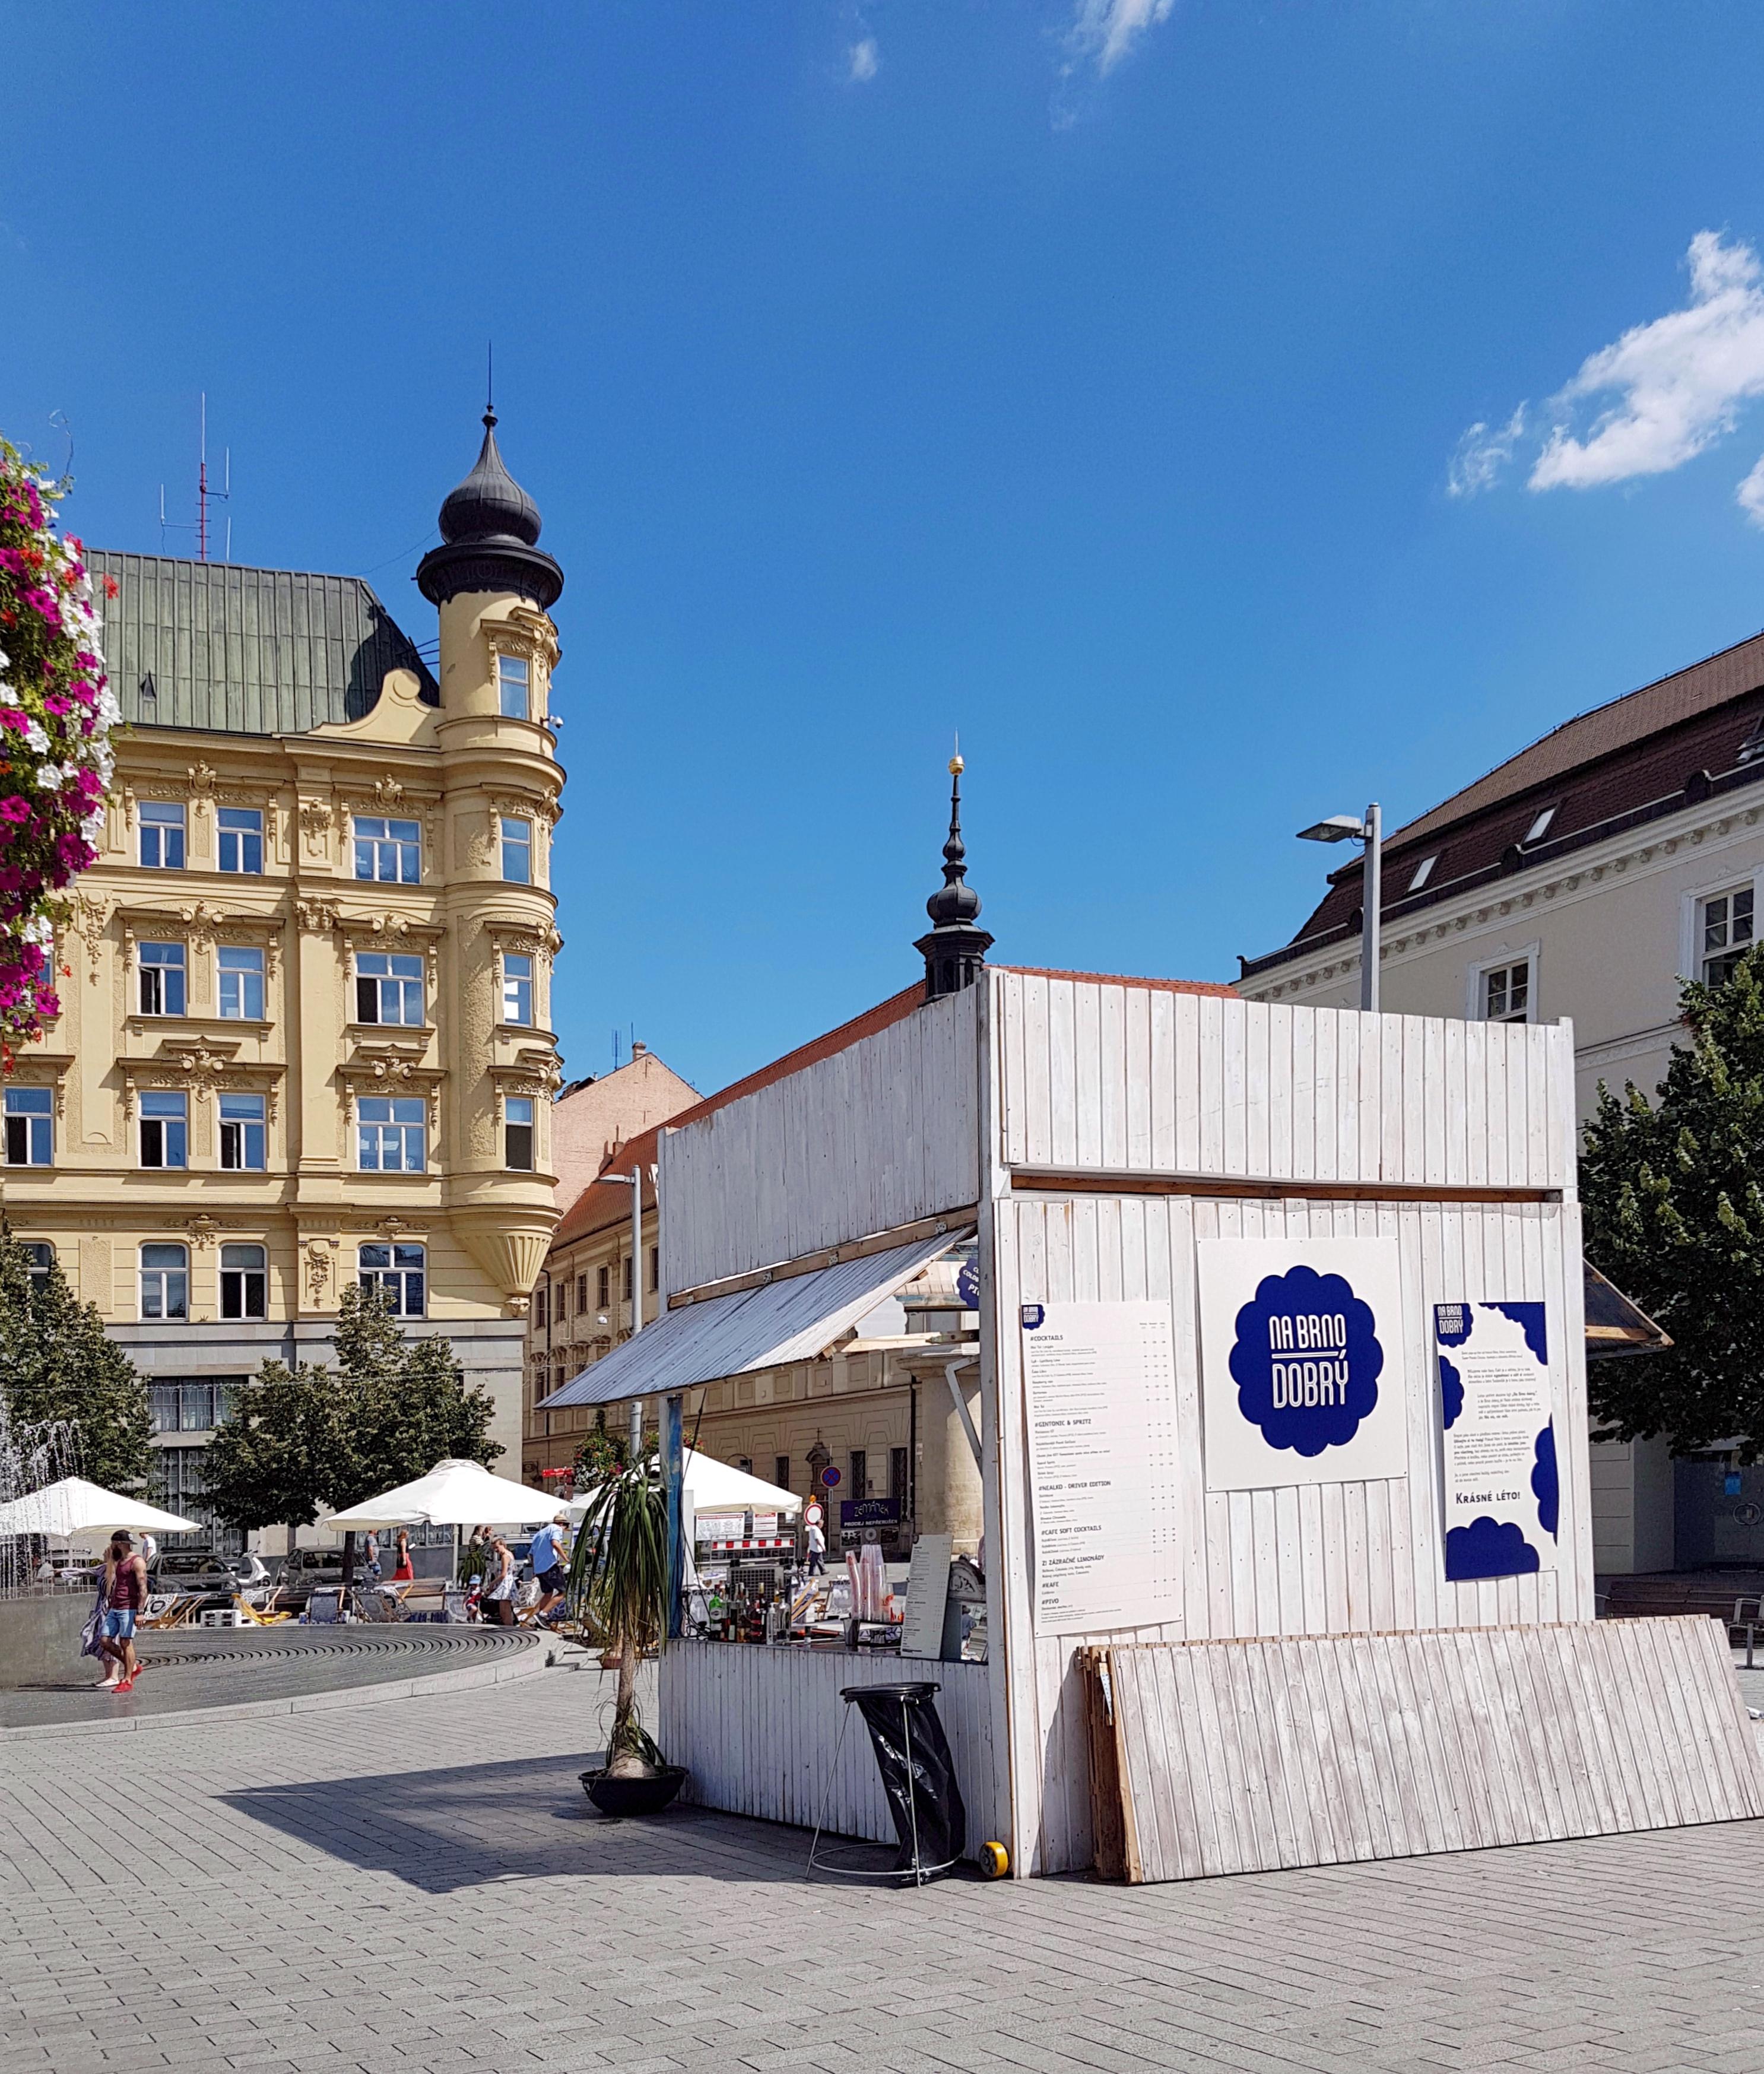 Na Brno Dobrý